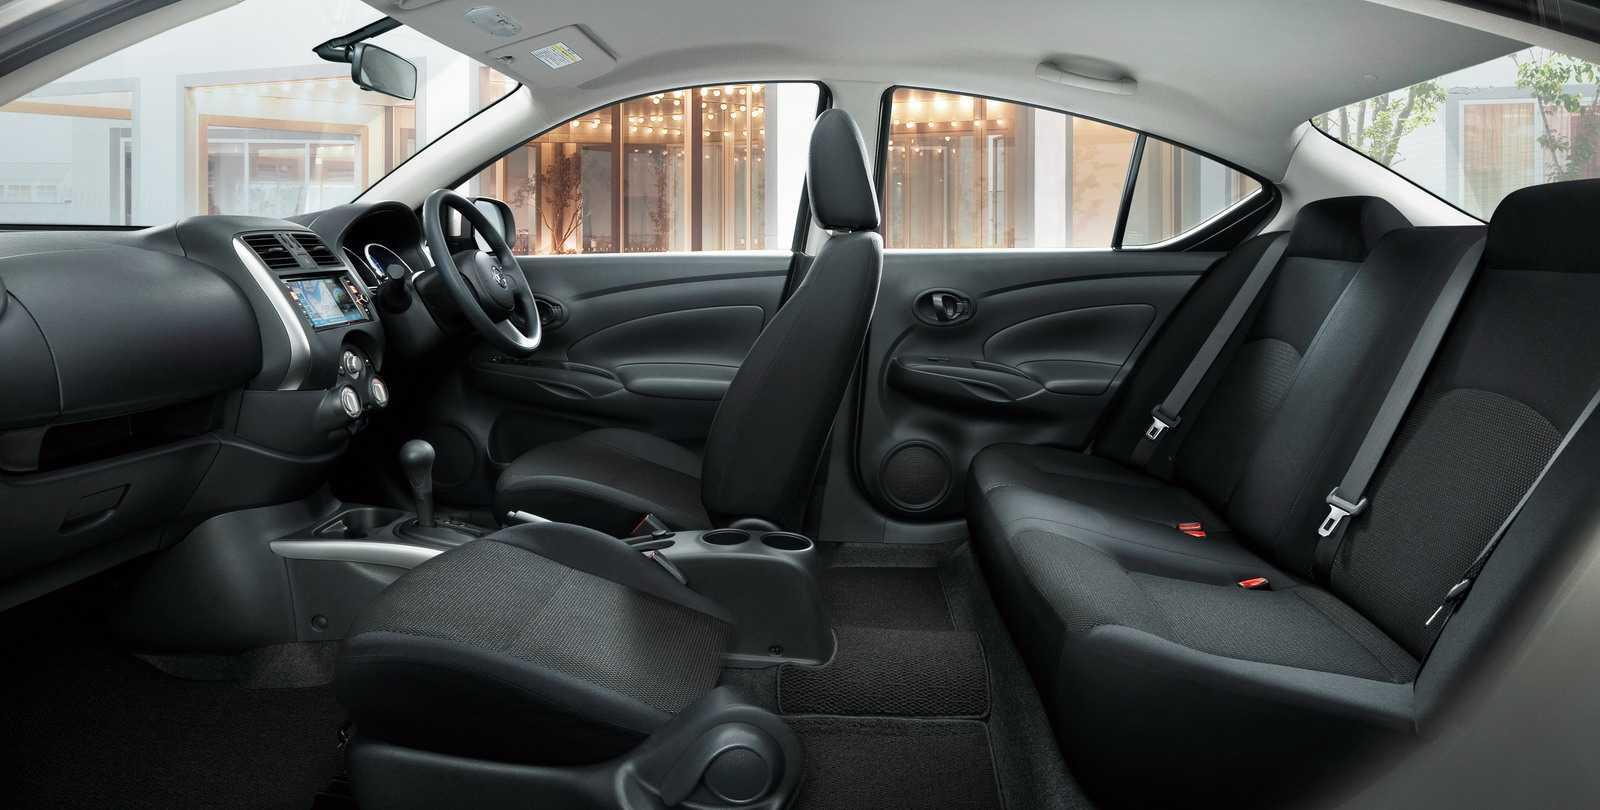 Nissan imx concept: премьера будущего кроссоверов nissan - top gear - «автоновости»